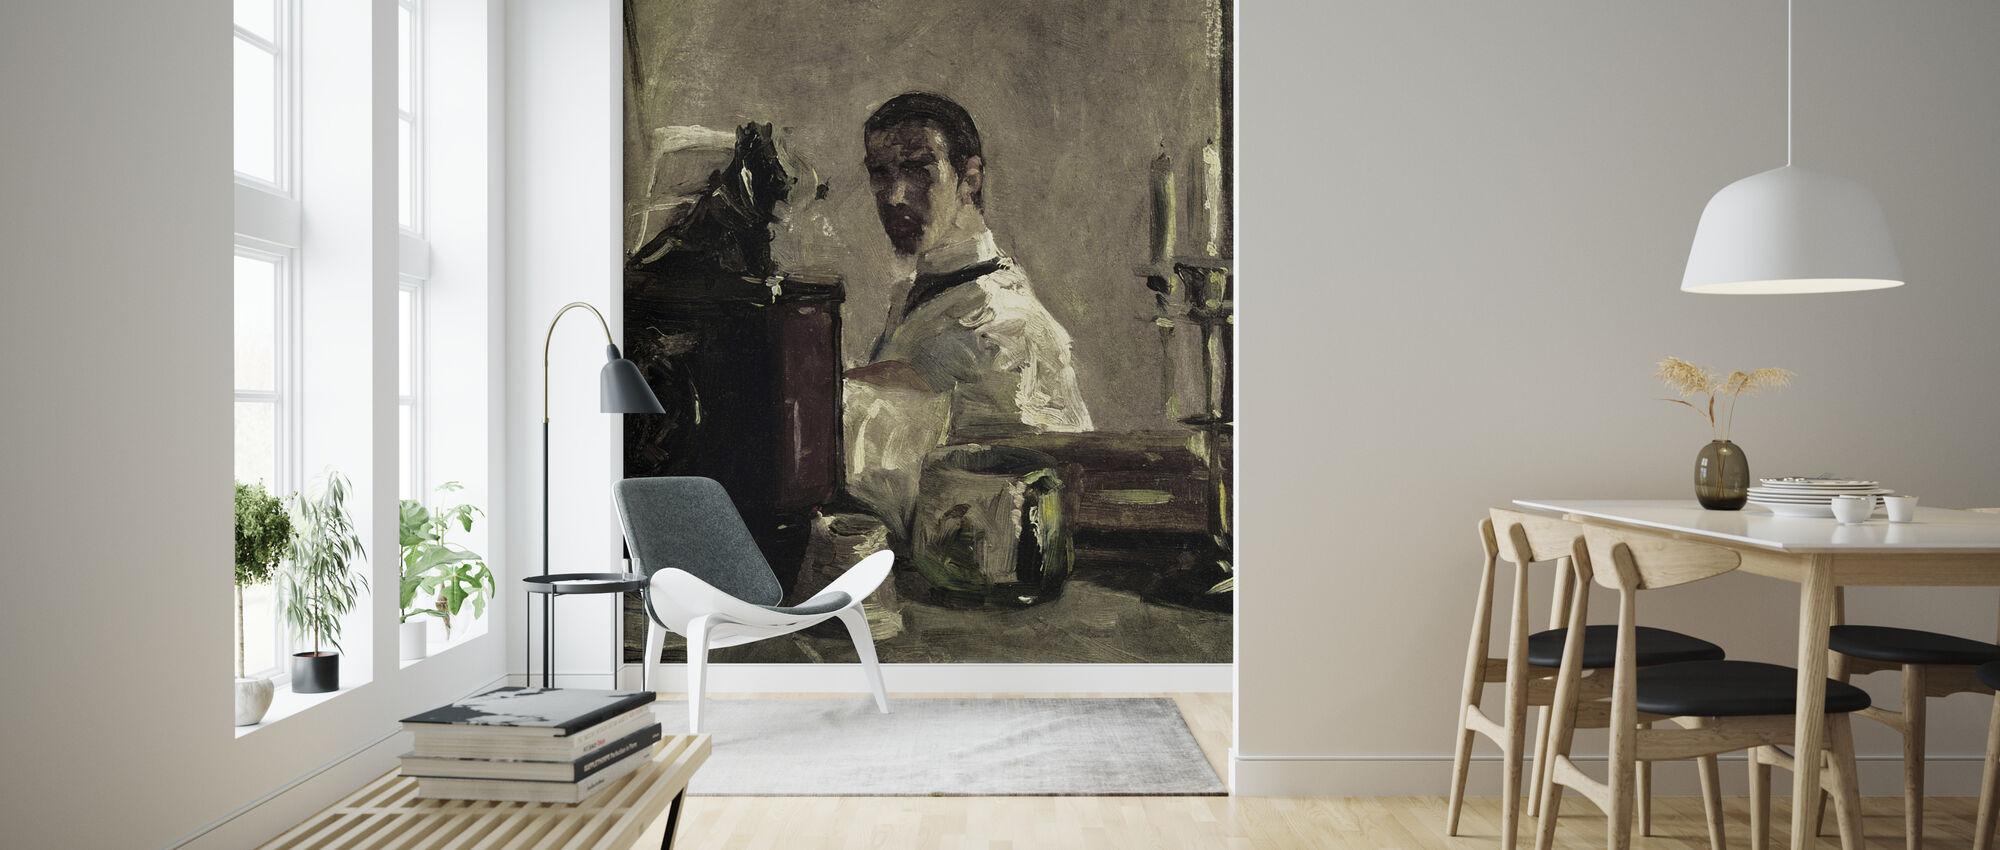 Zelfportret, Henri Toulouse Lautrec - Behang - Woonkamer